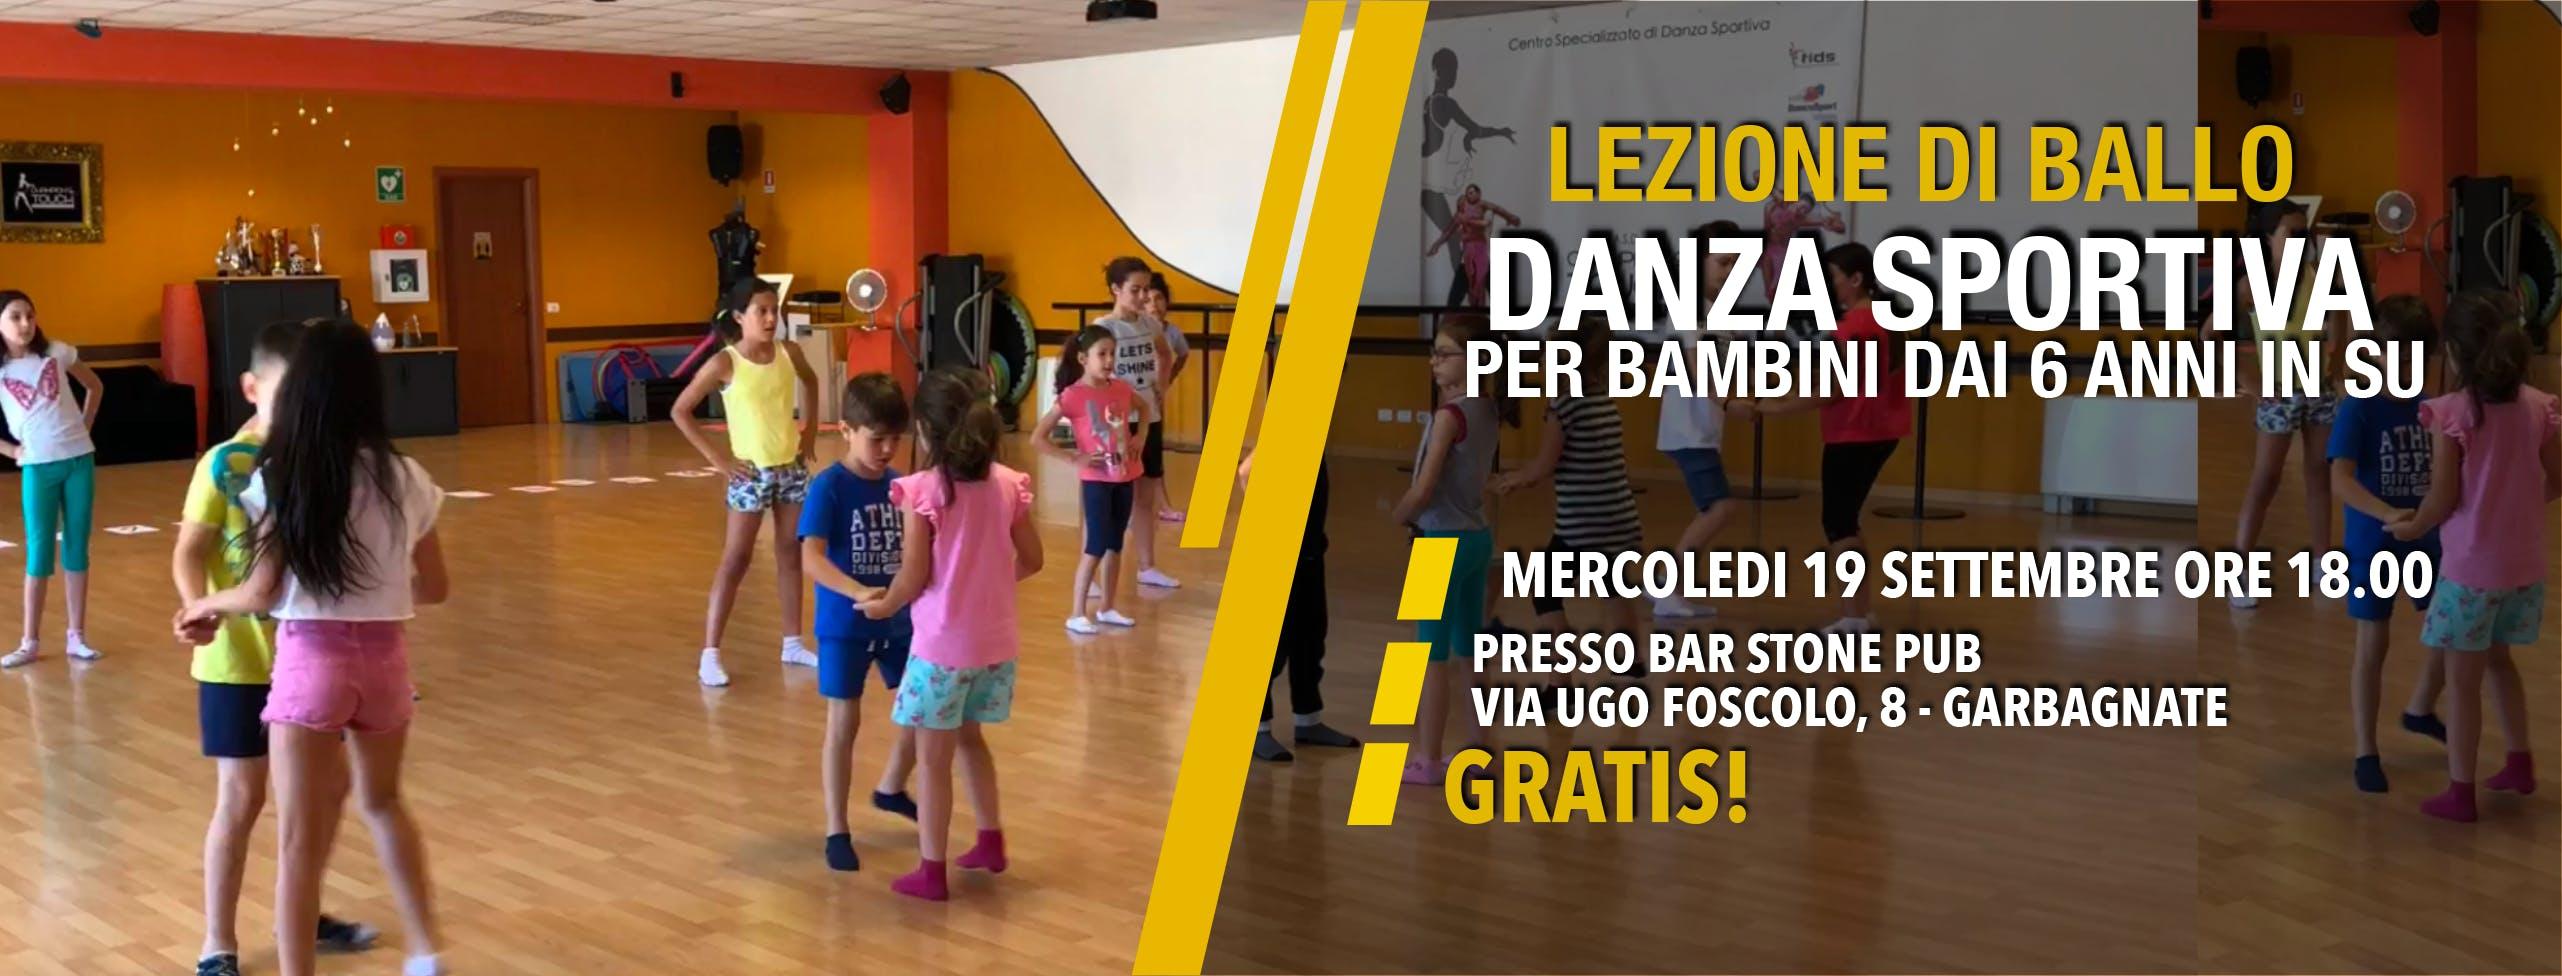 LEZIONE DI BALLO GRATIS - DANZA SPORTIVA KIDS (per bambini dai 6 anni)